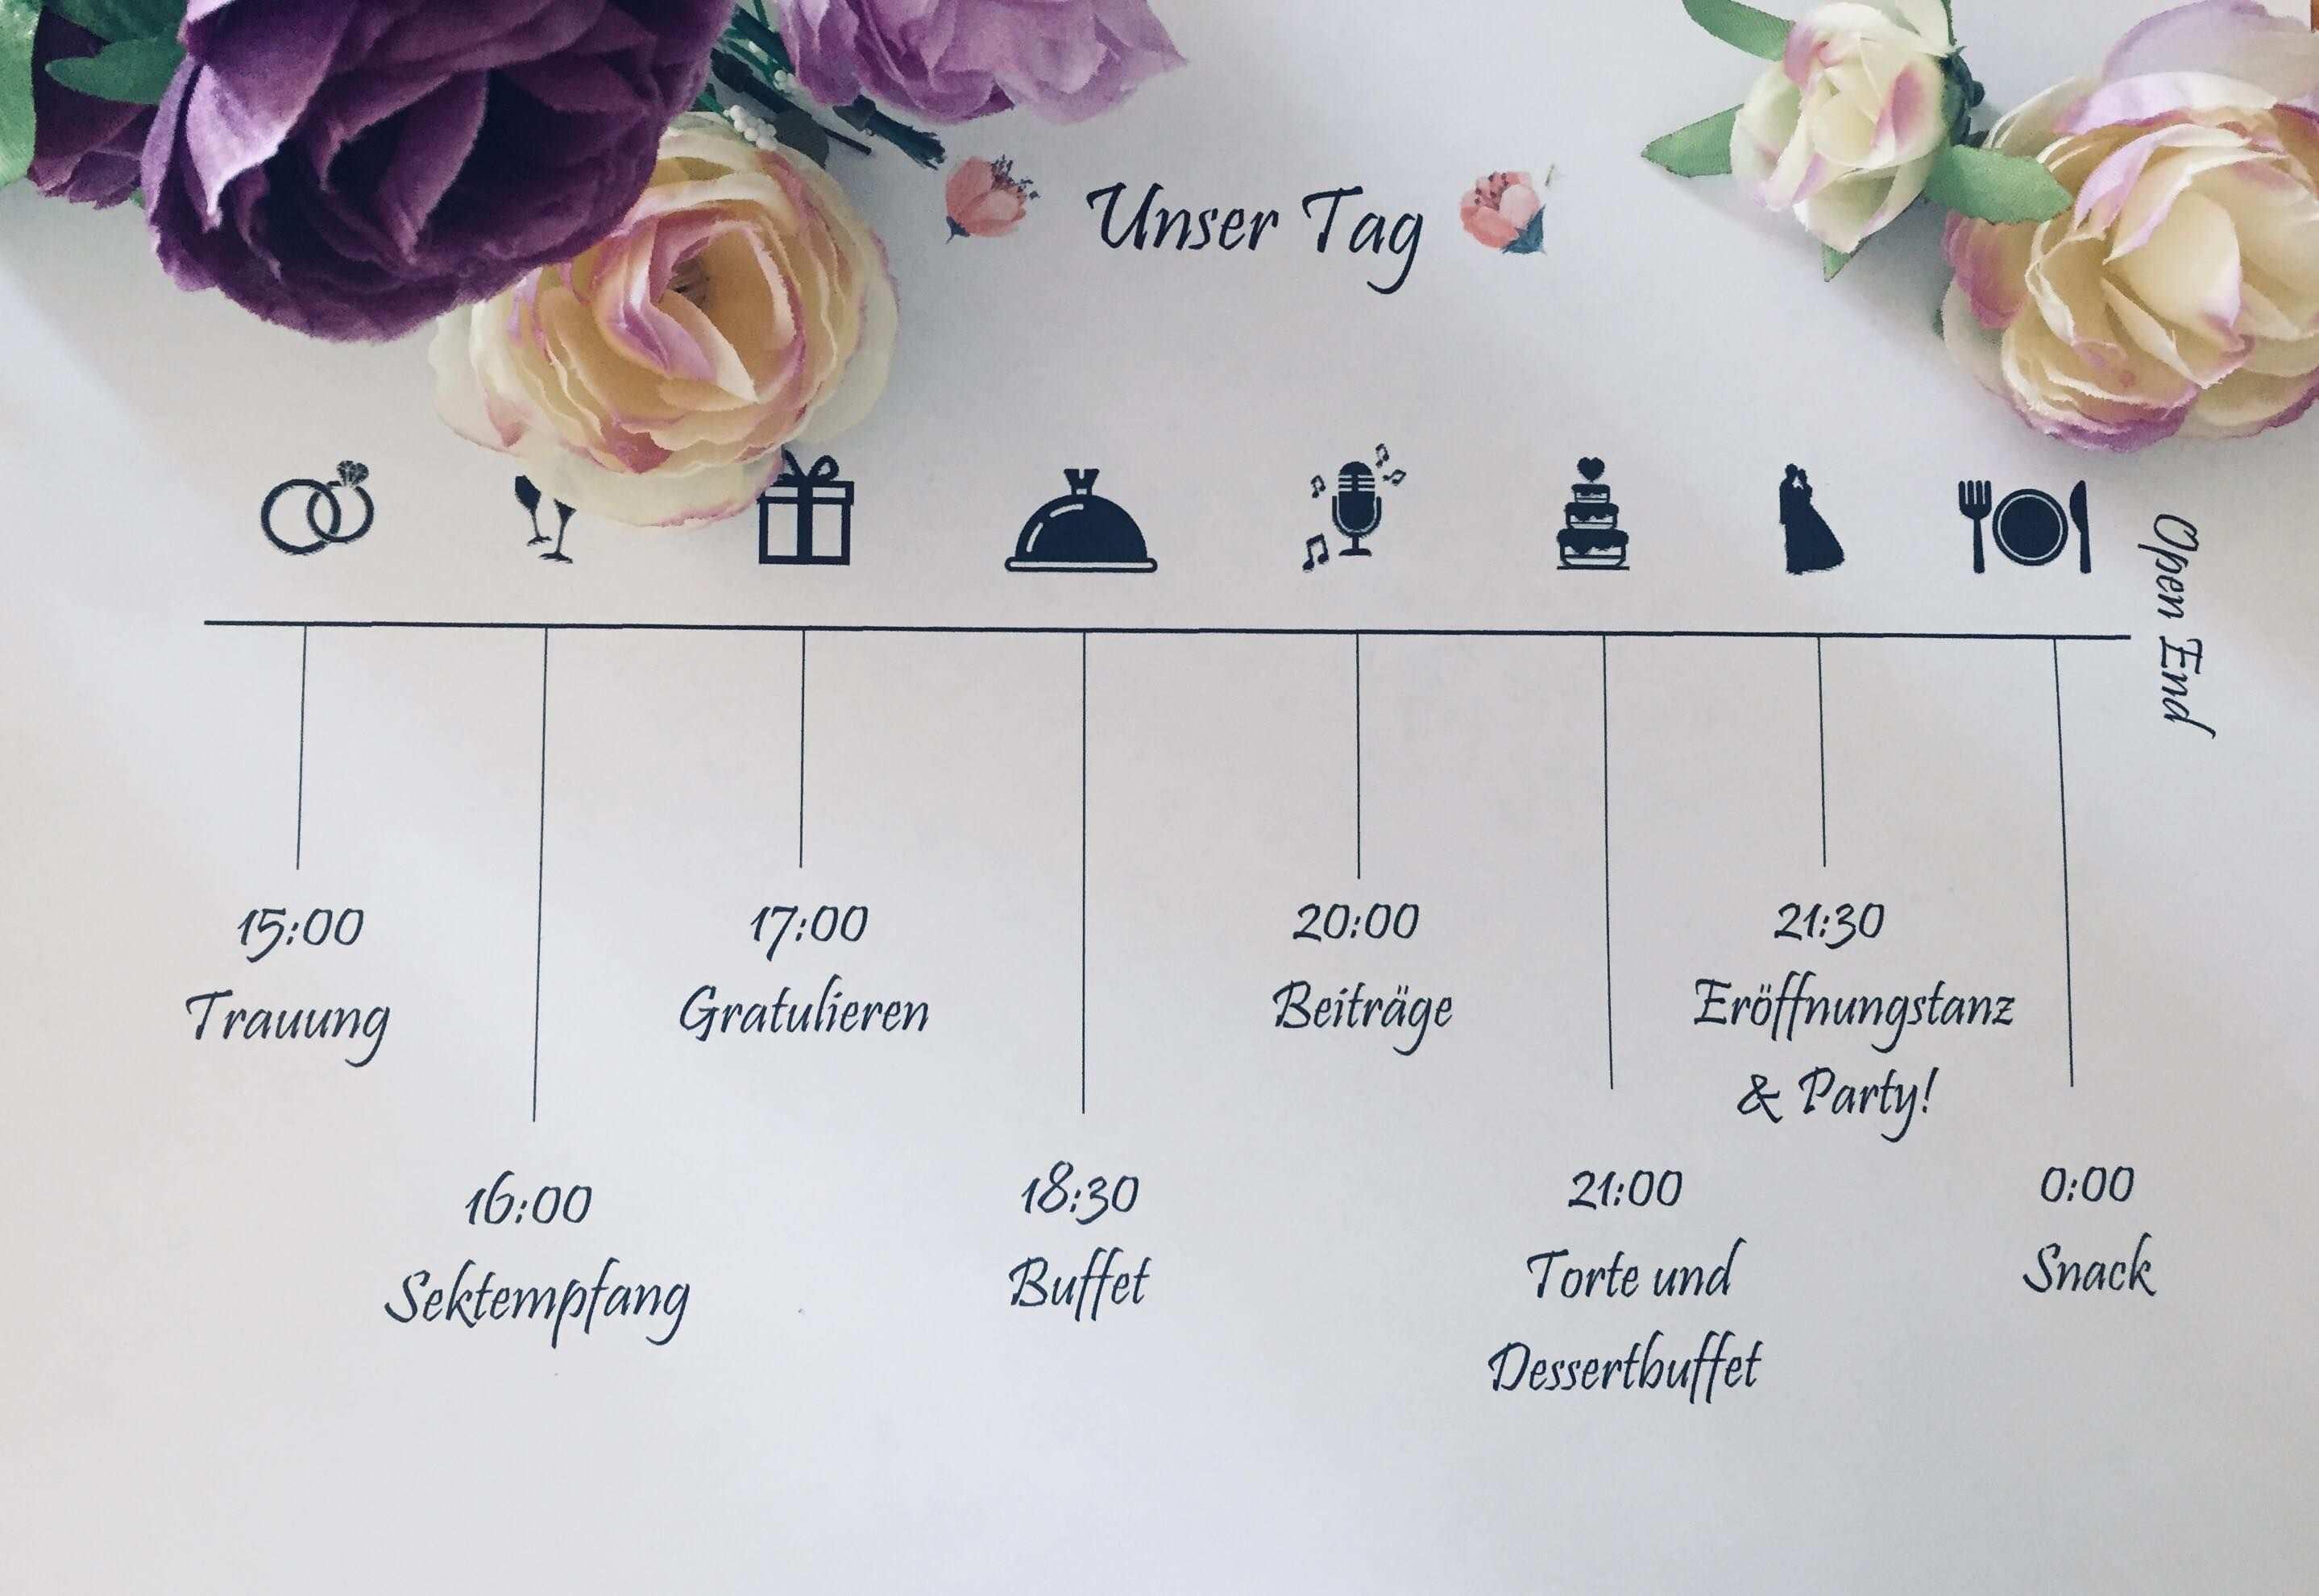 Timeline Fur Den Grossen Tag Vorlage Tagesablauf Hochzeit Hochzeit Ablauf Hochzeit Aktionen